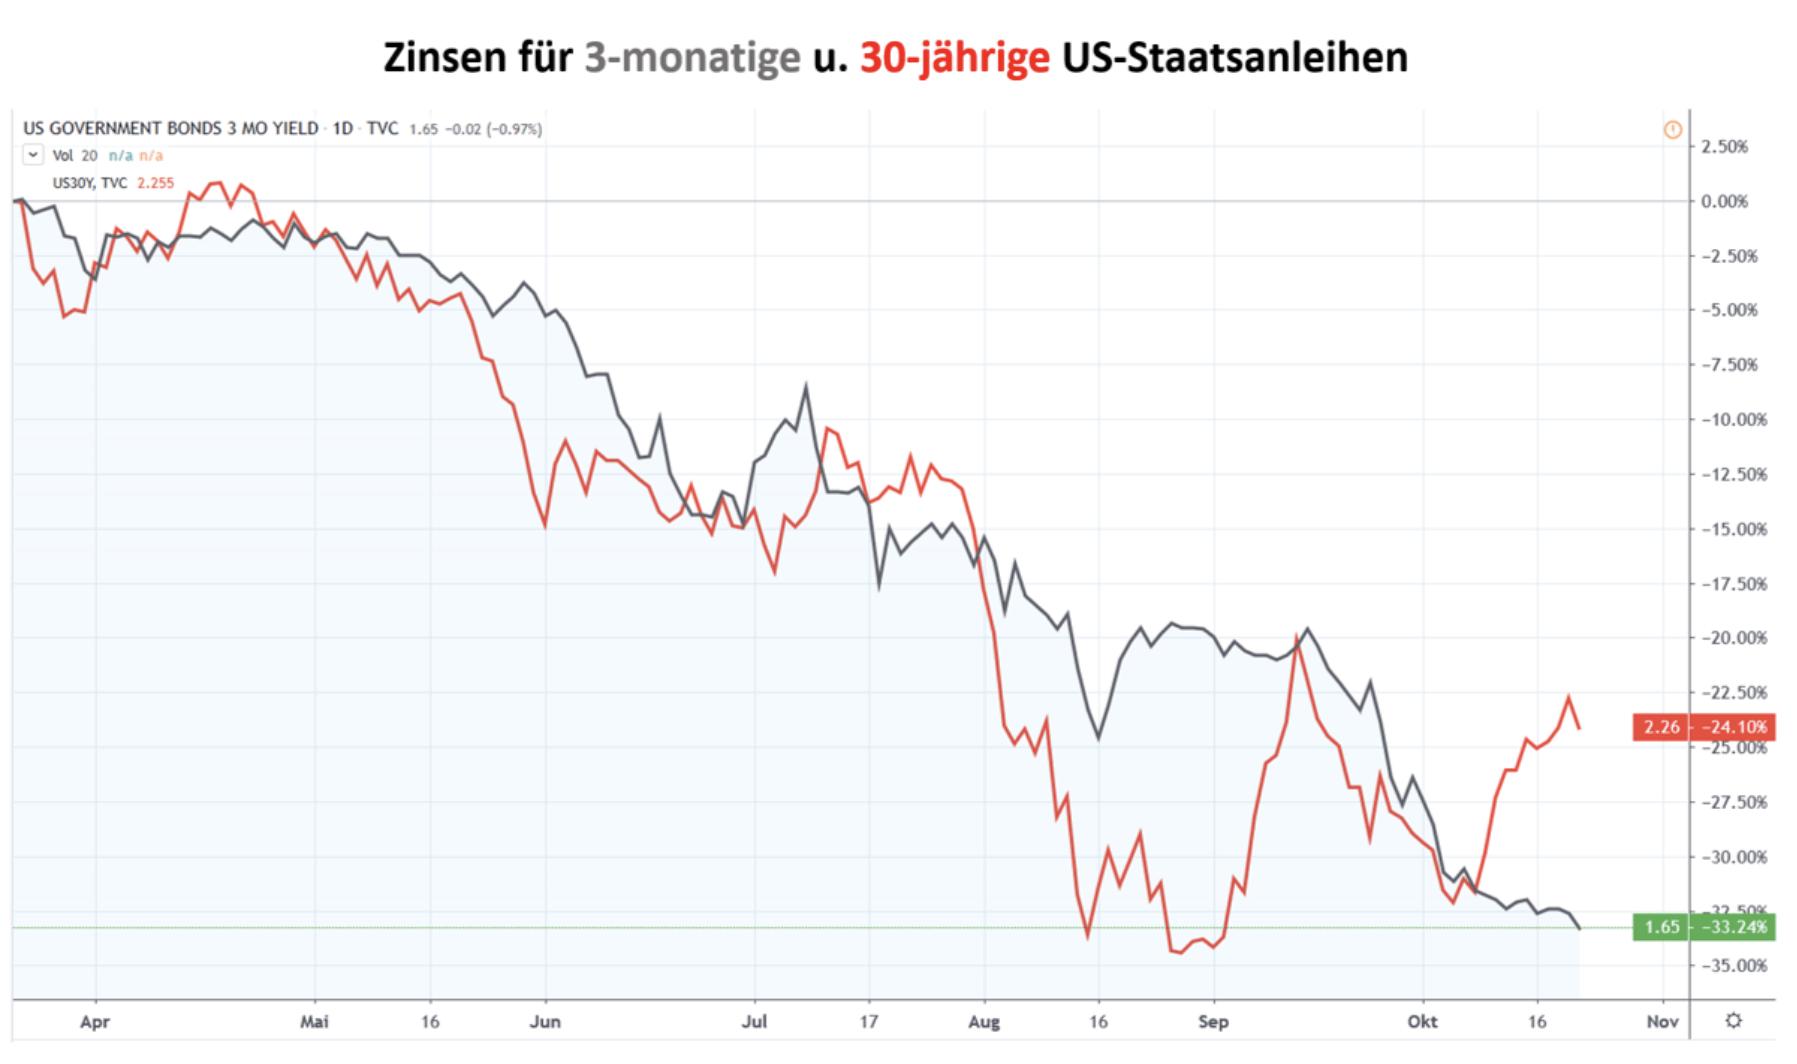 Zinsen US-Staatsanleihen